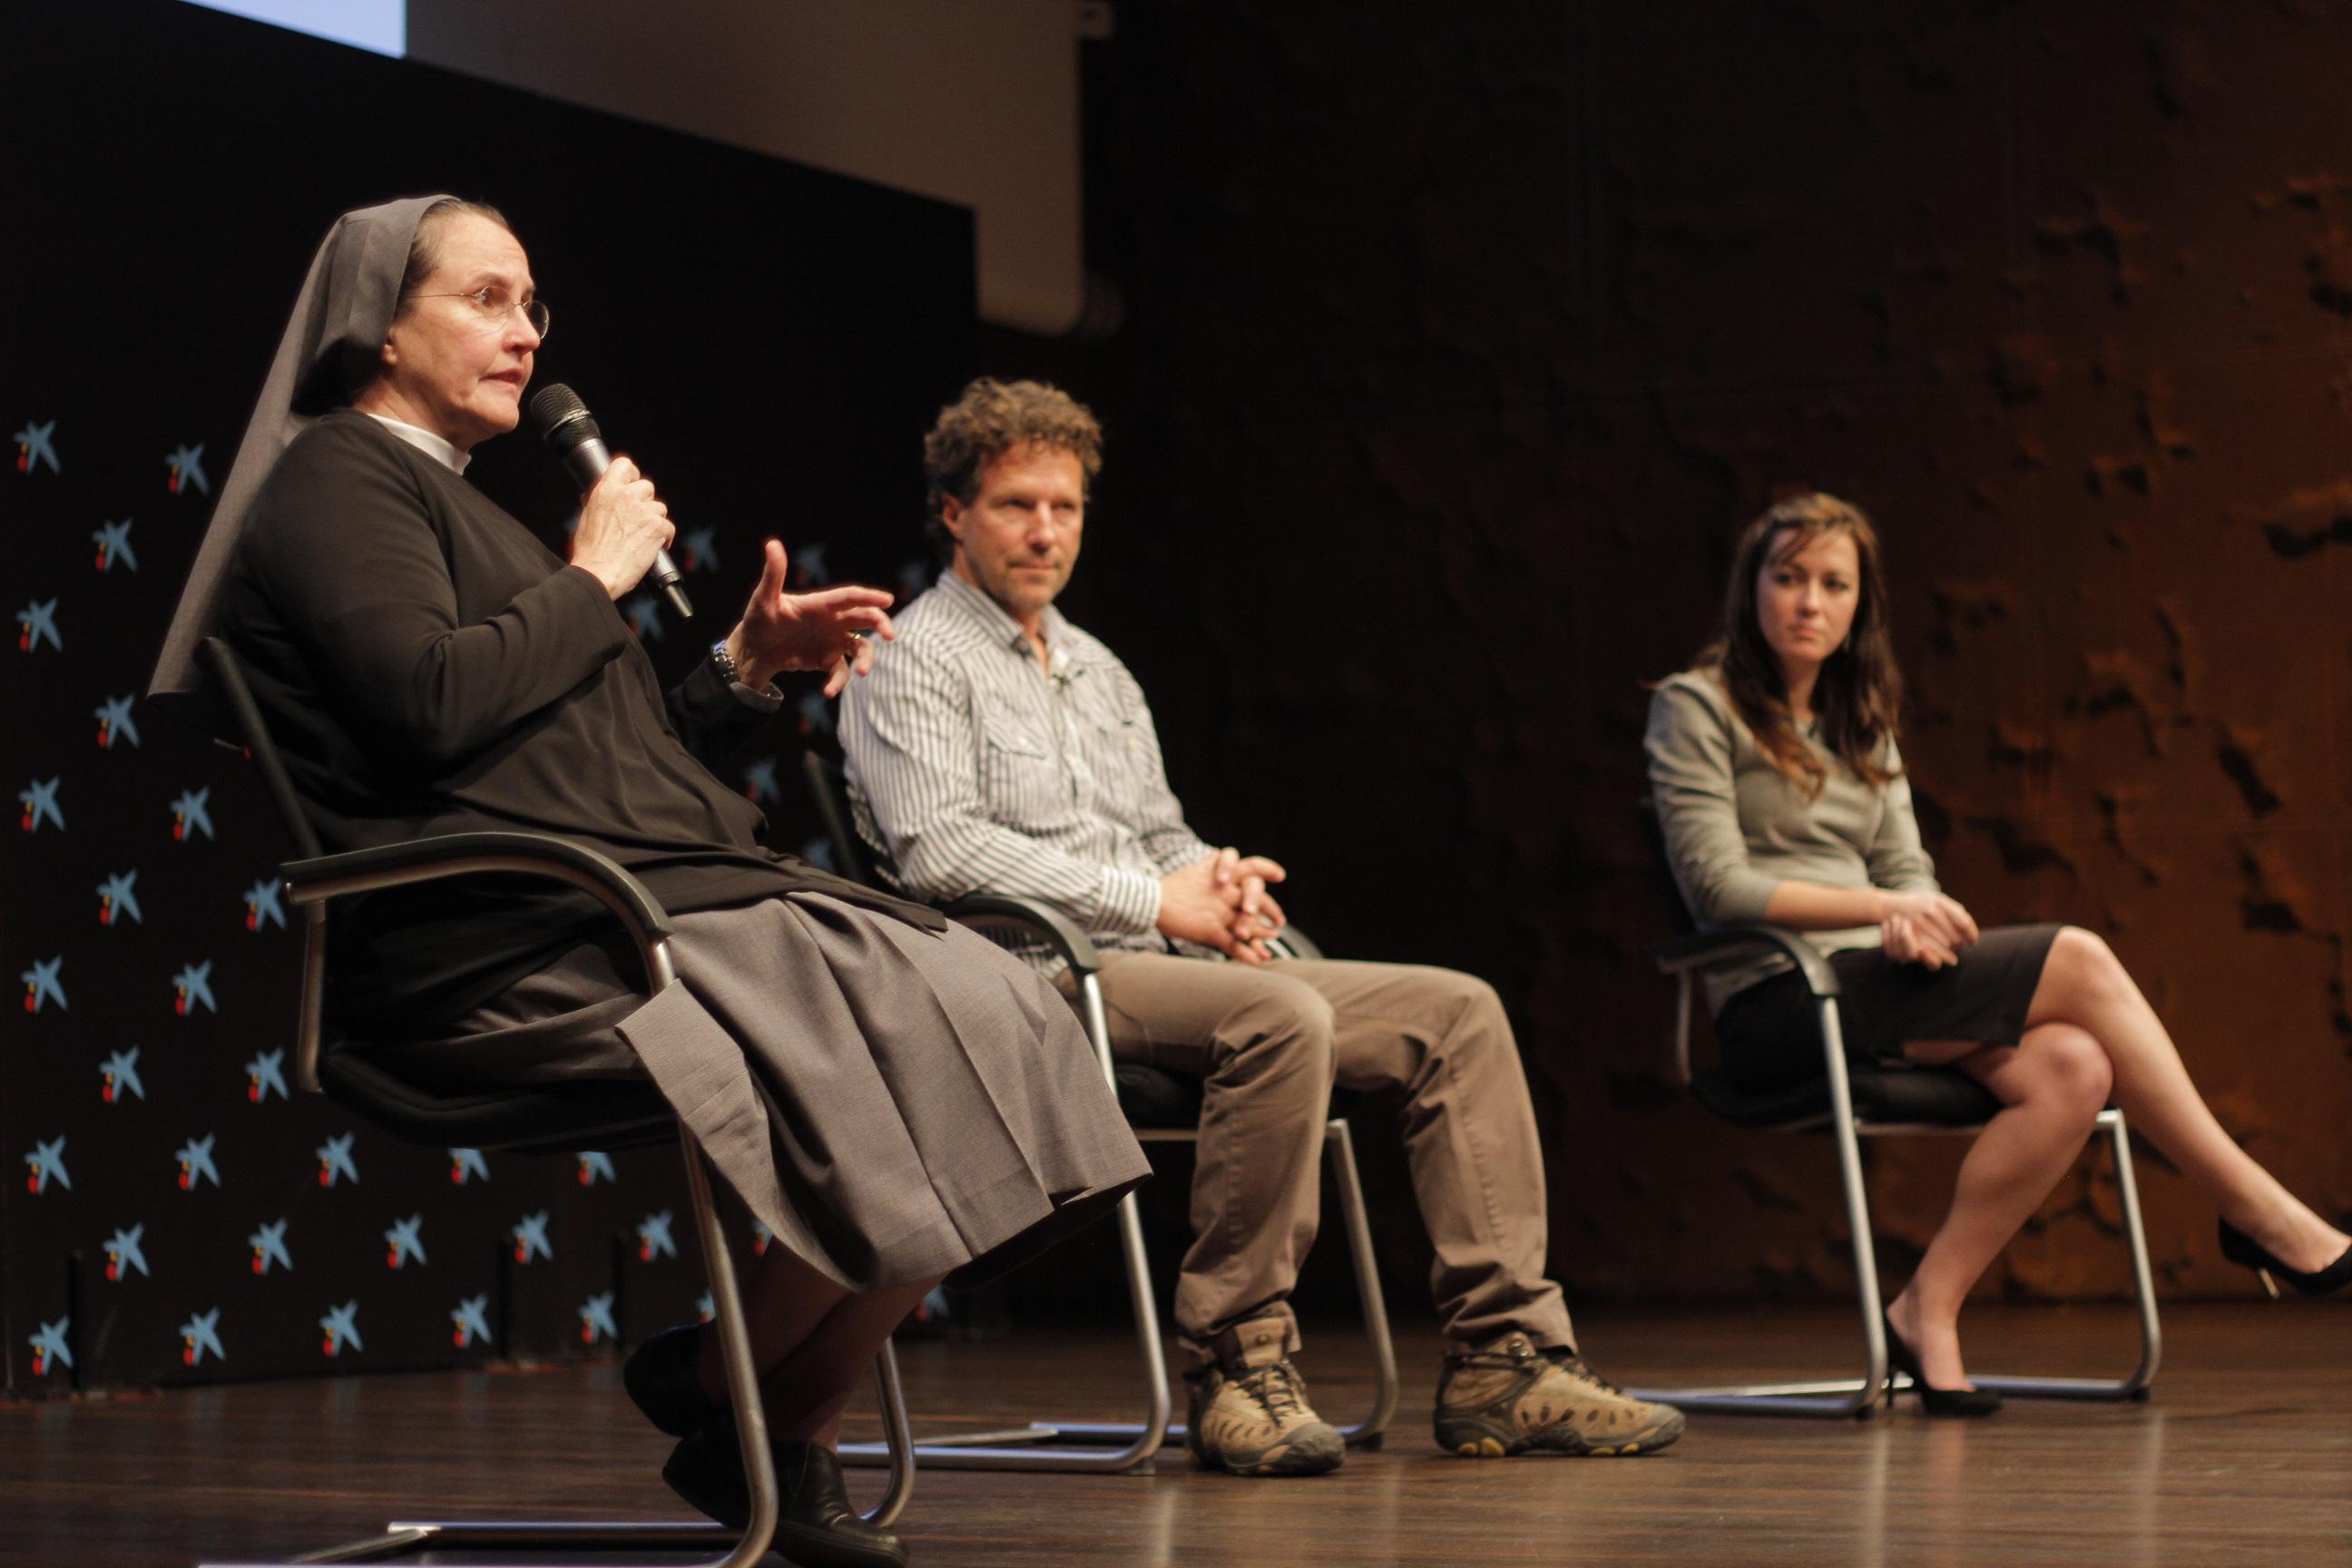 Tres nuevos emprendedores sociales españoles se unen a la red Ashoka